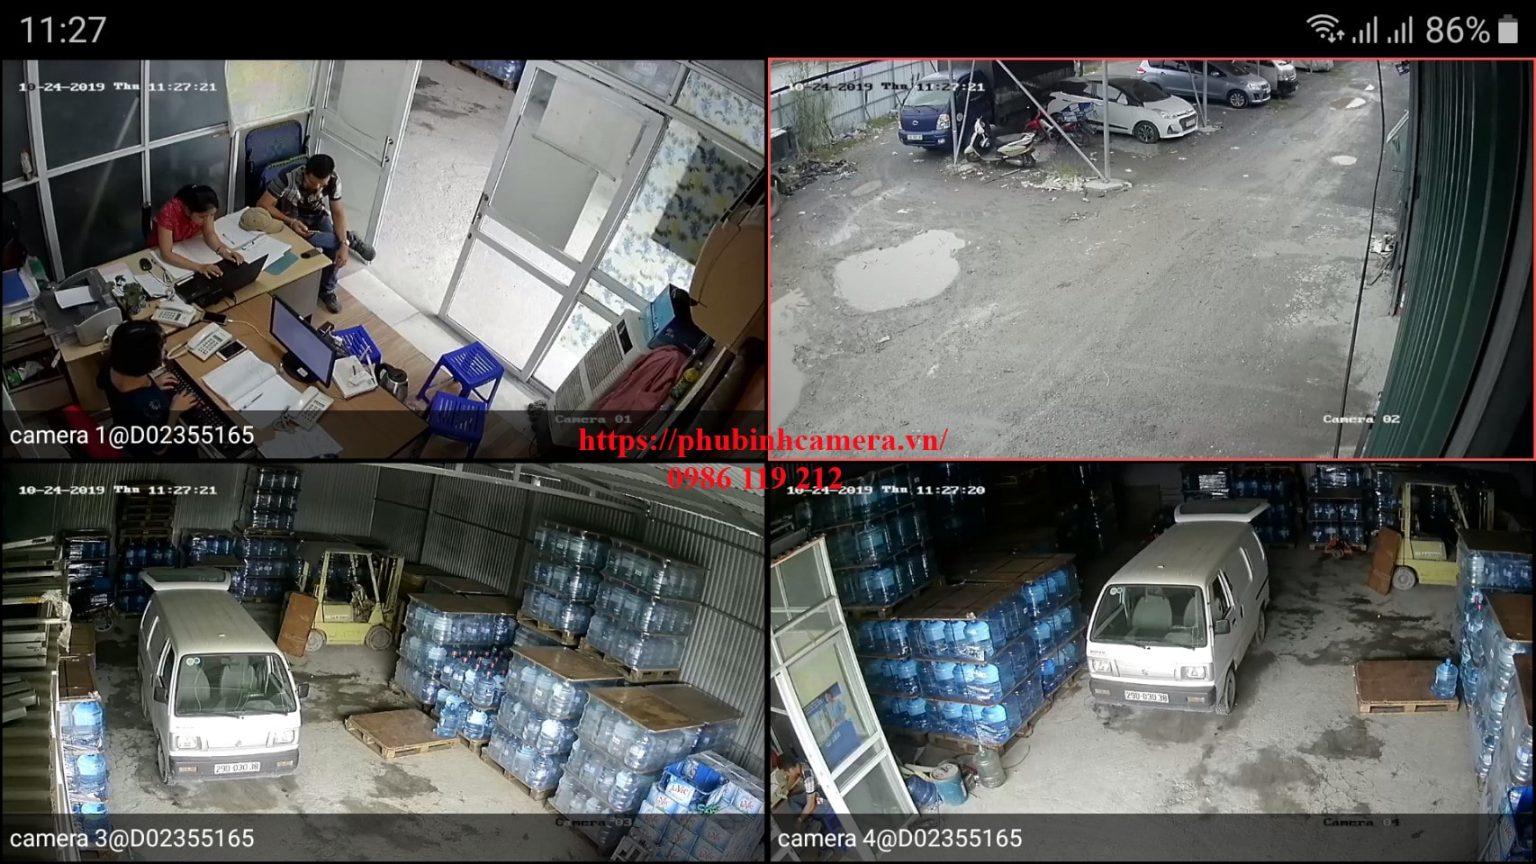 bộ-4-Camera-Hikvision-1.0-tại-kho-nước-lavi-phubinh